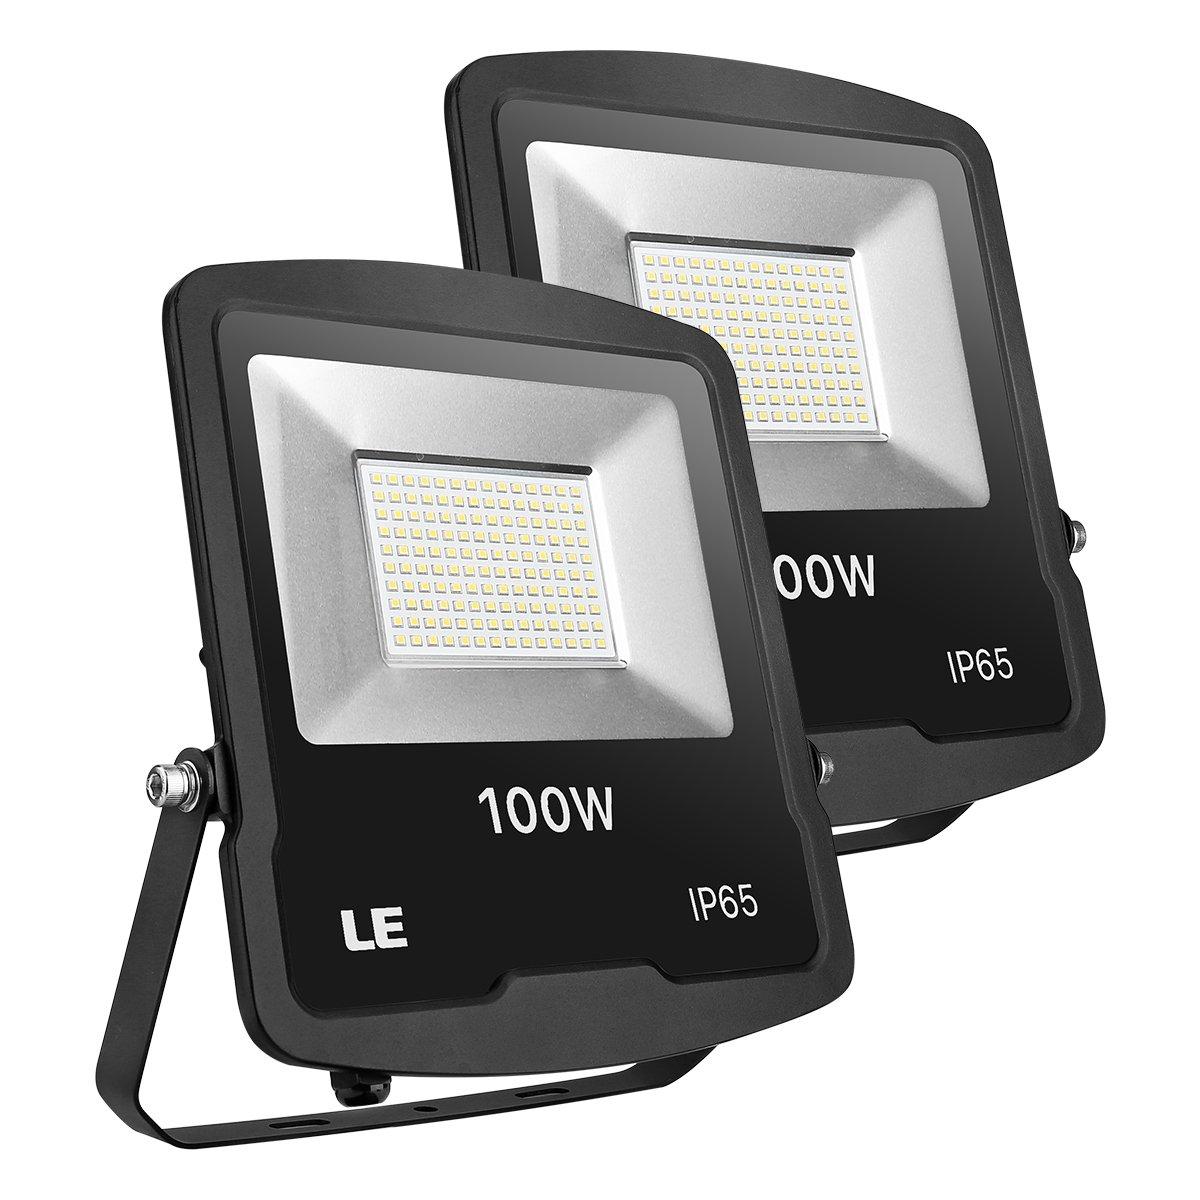 LE Proiettori Faro 100W LED, 8000 lumen, Impermeabile IP65, Bianco Freddo per Esterni e Interni, 2 Pezzi